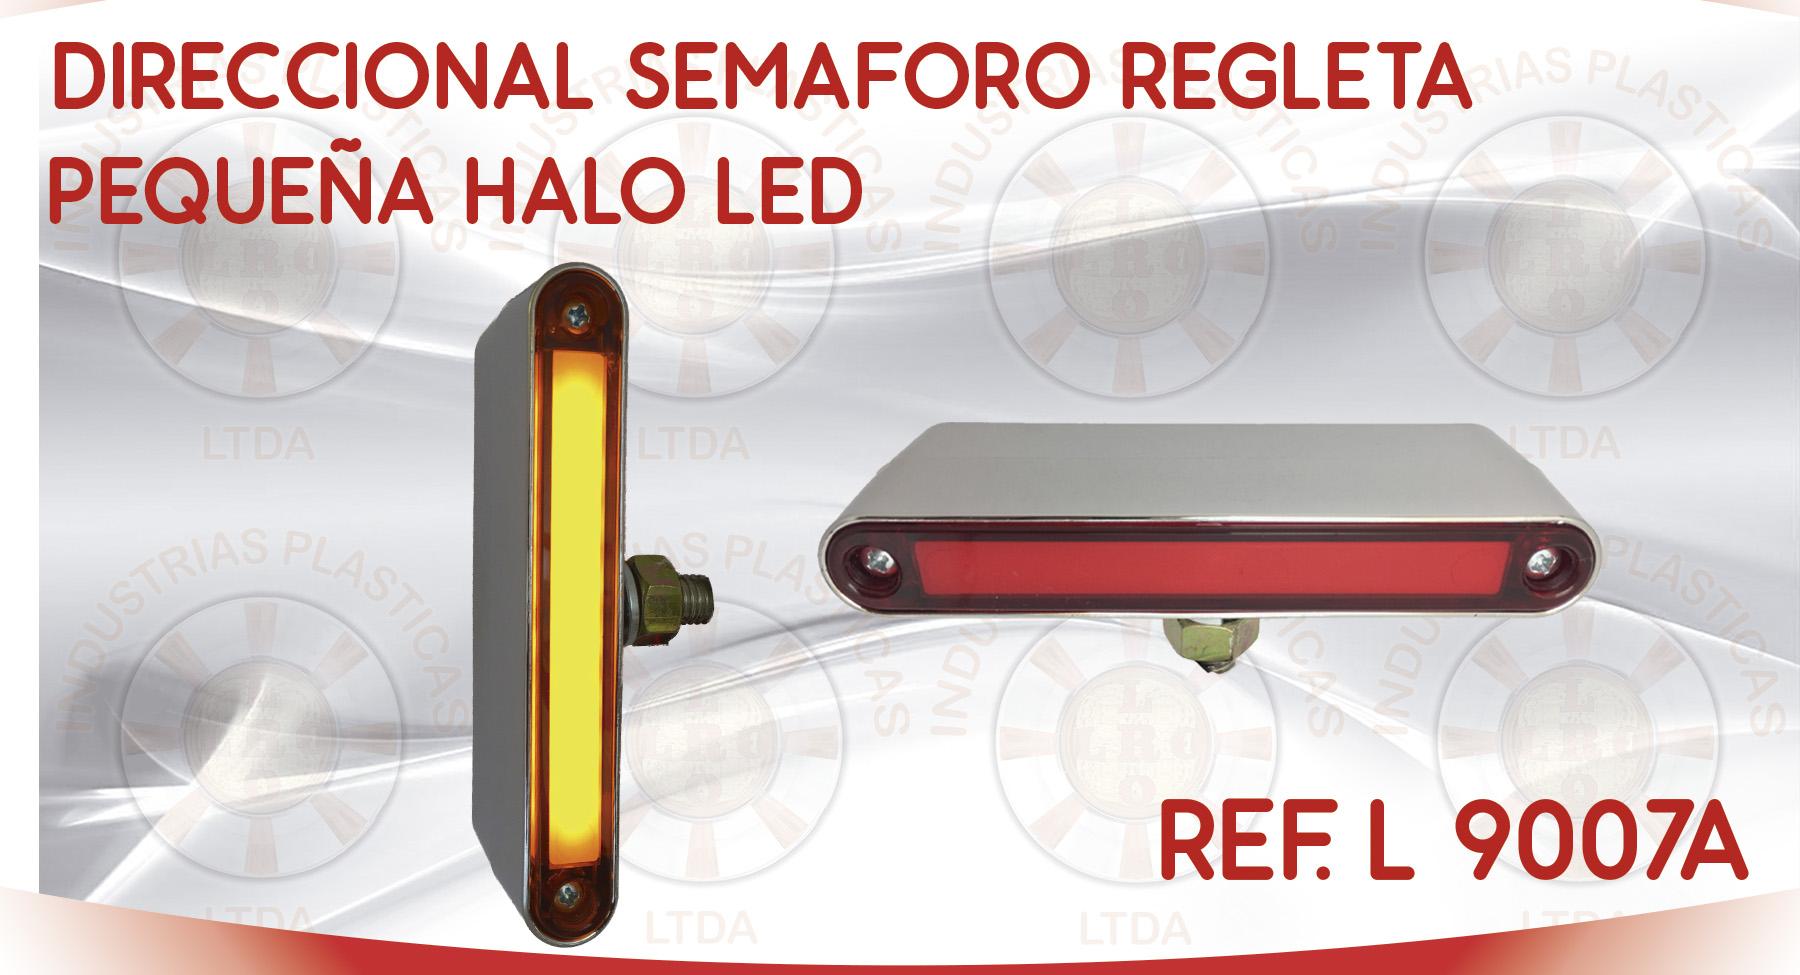 L 9007A DIRECCIONAL SEMAFORO REGLETA PEQUEÑA HALO LED